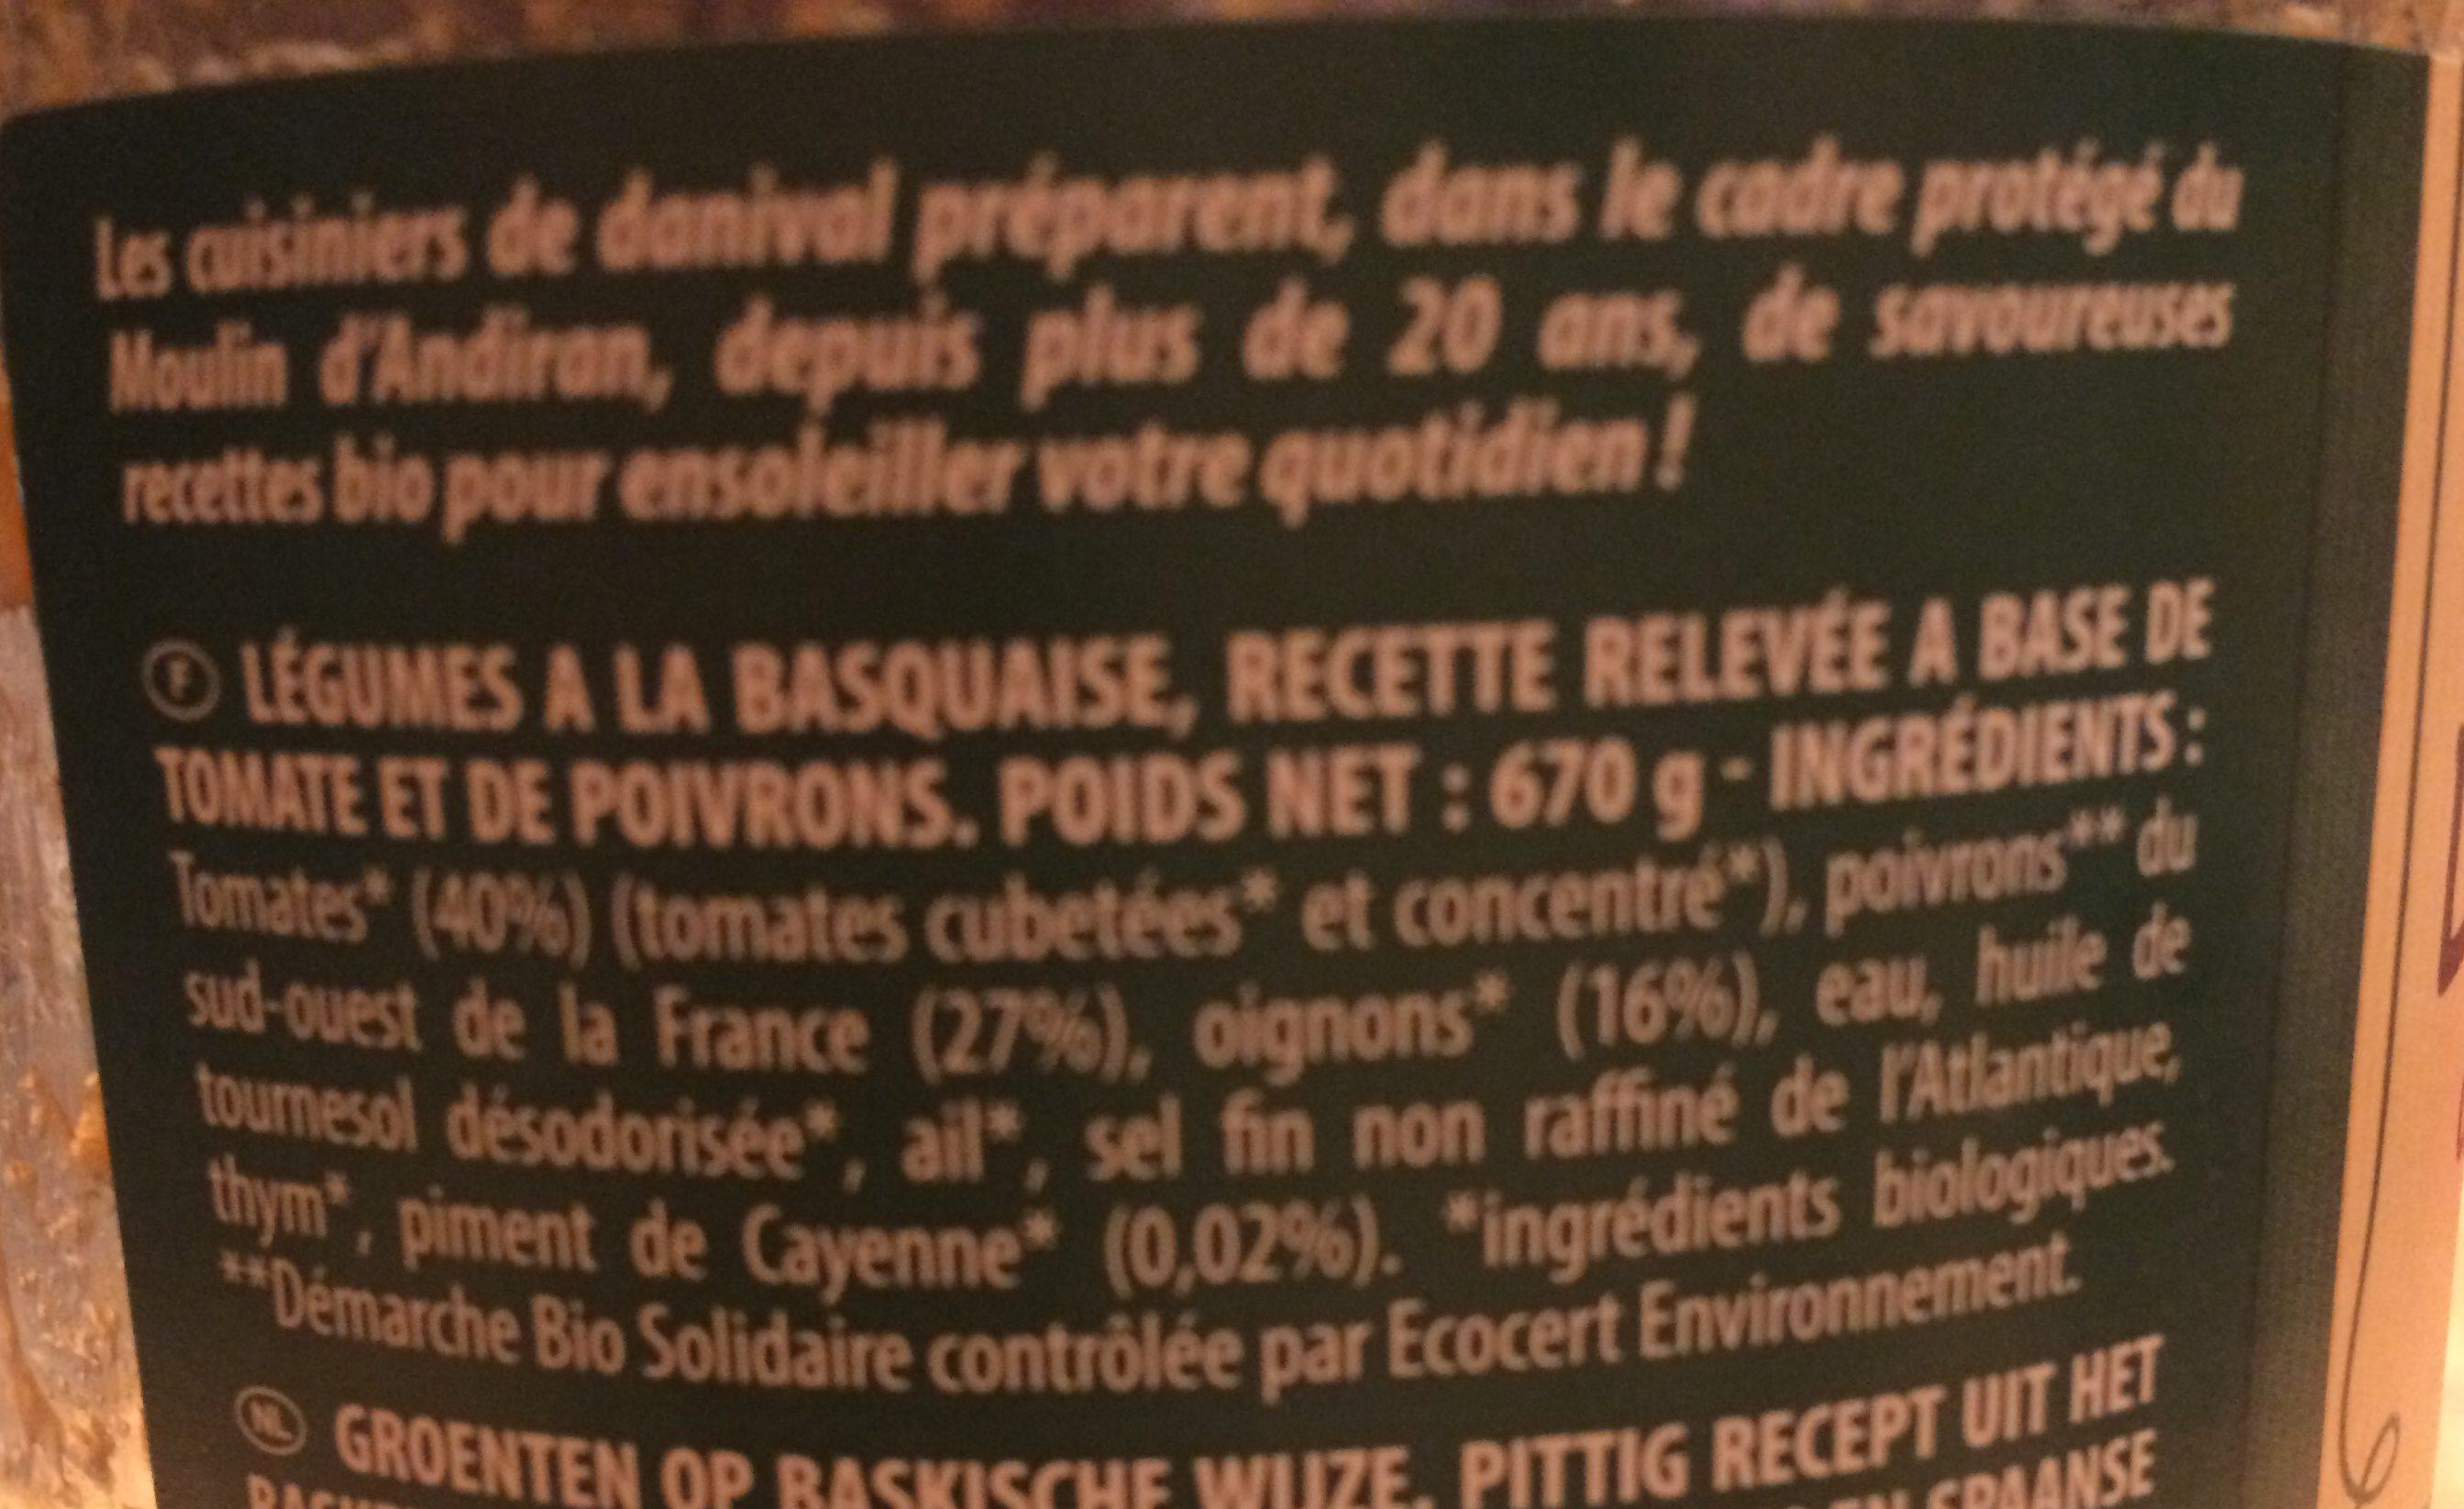 Legumes à la Basquaise - Ingrediënten